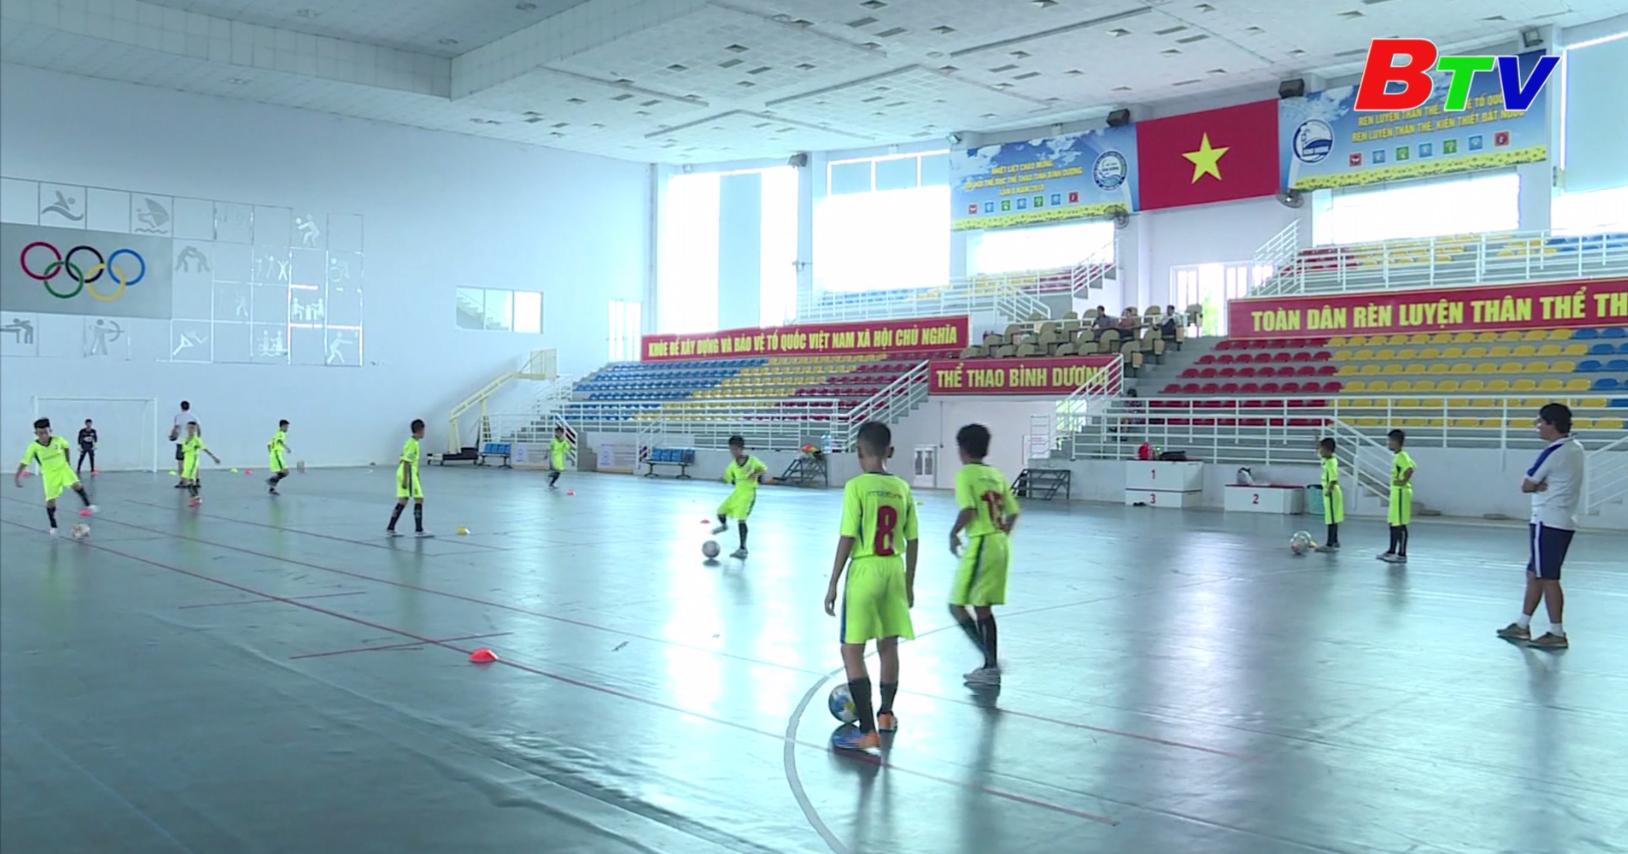 U11 Bình Dương - Sẵn sàng cho Vòng chung kết Giải bóng đá nhi đồng toàn quốc năm 2020